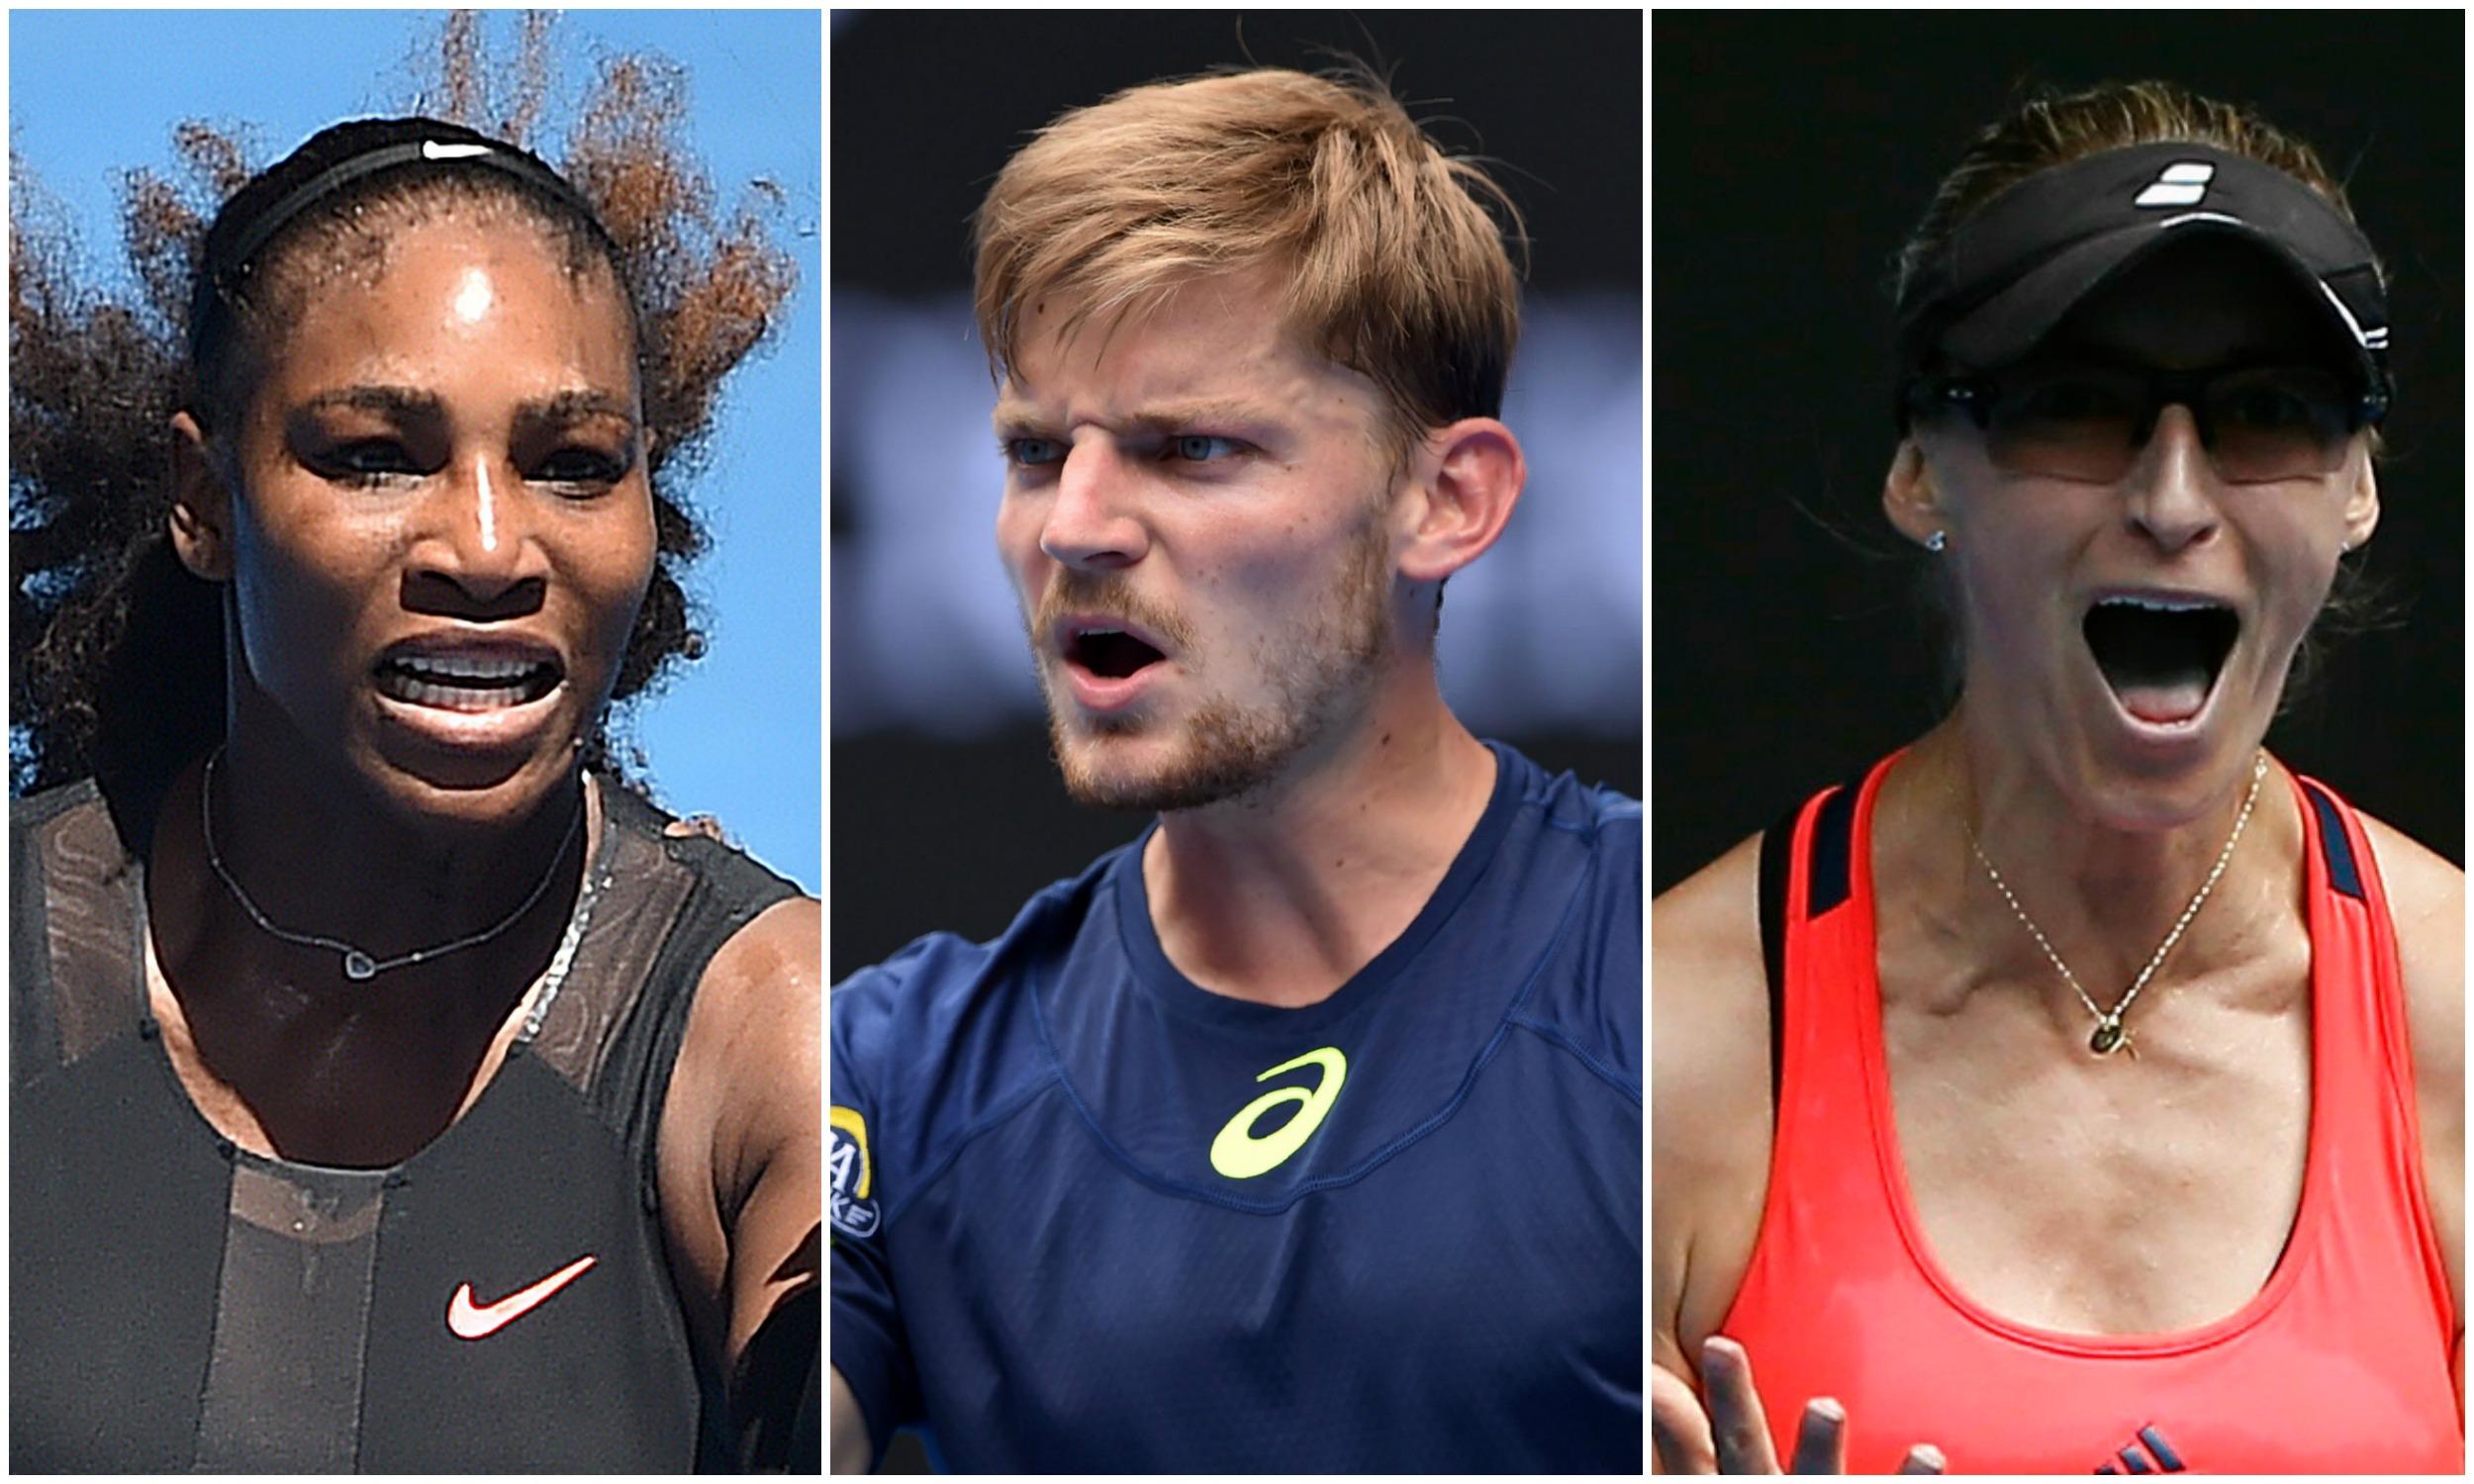 Tennis - Open Australie - Serena, Goffin, Lucic-Baroni : le résumé de la nuit à Melbourne